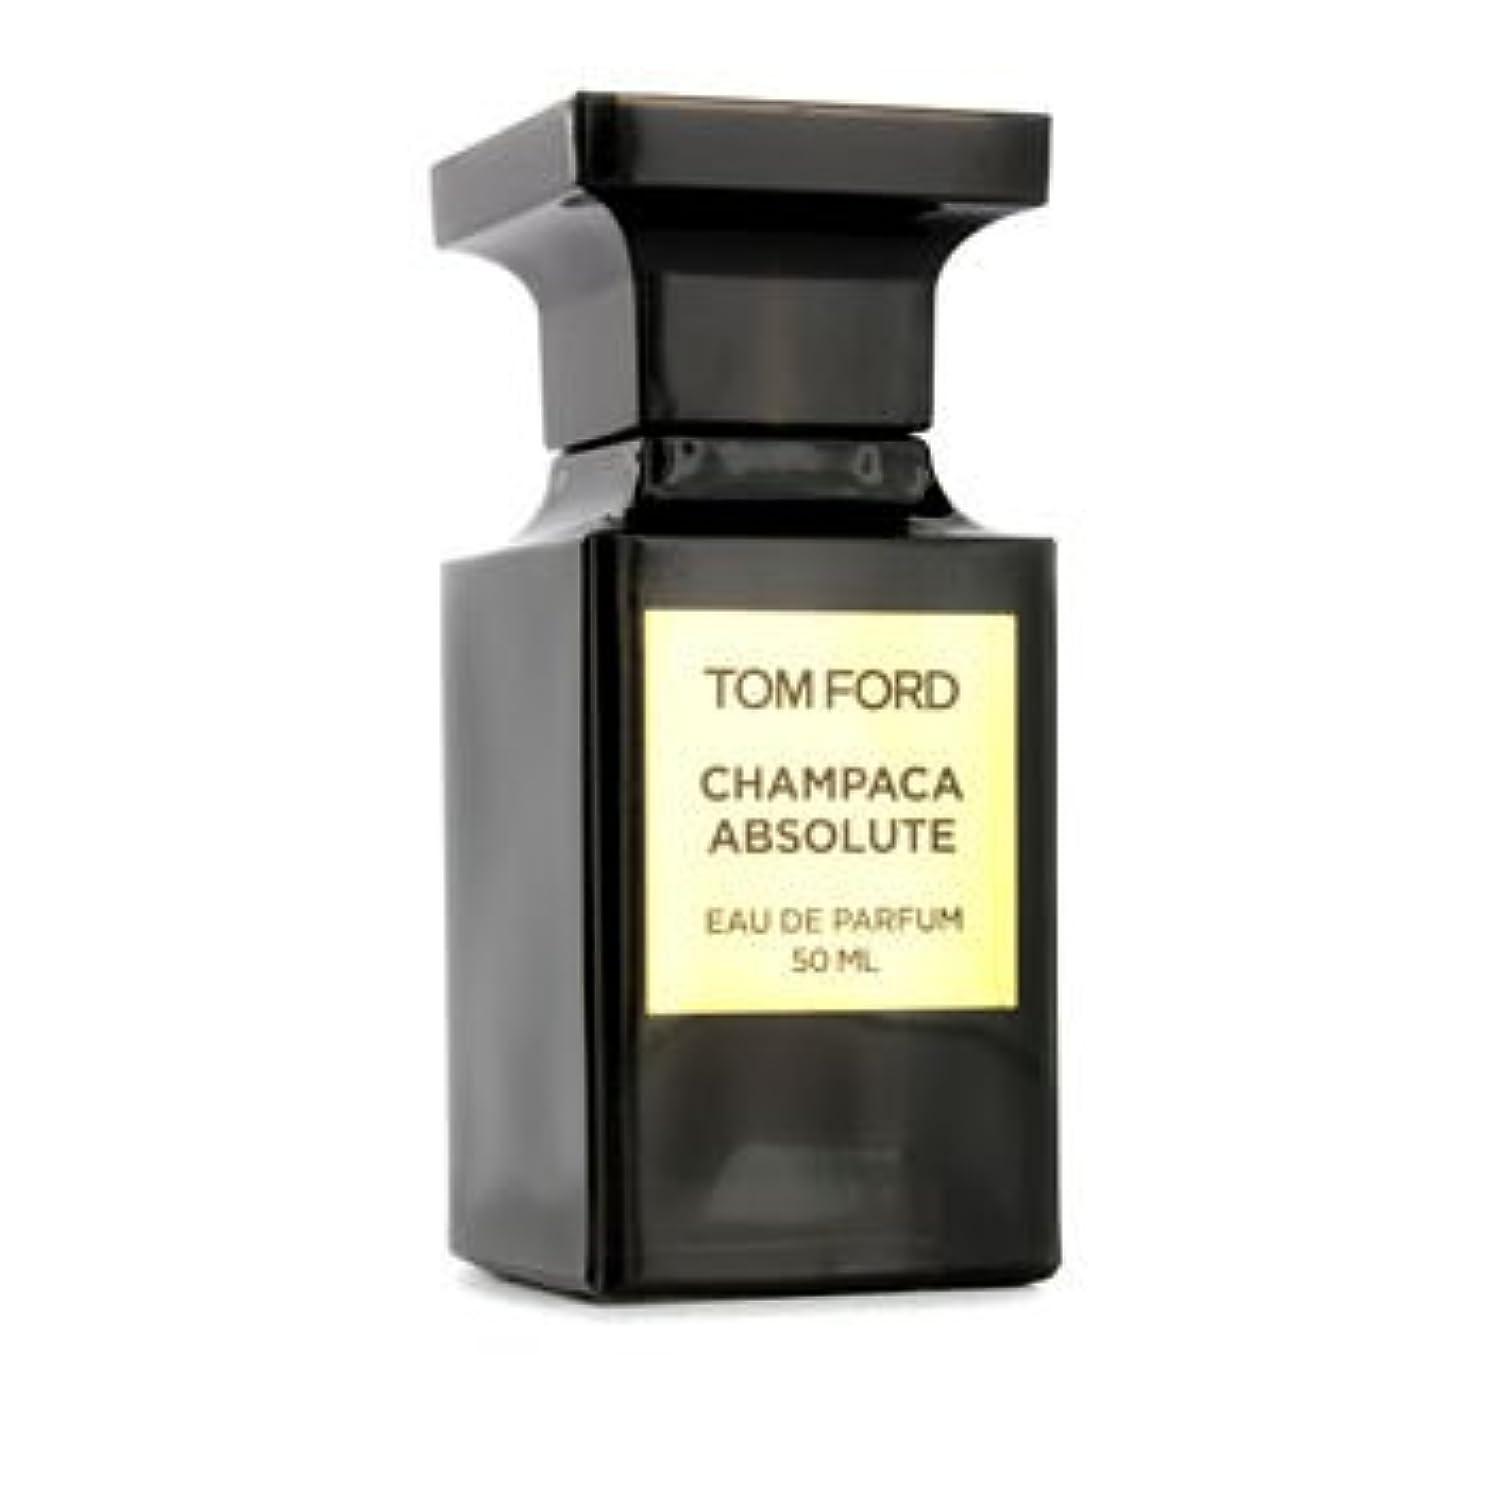 操作なめる差し控えるトム フォード プライベートブレンド チャンパカ アブソリュート EDP SP 50ml/1.7oz並行輸入品